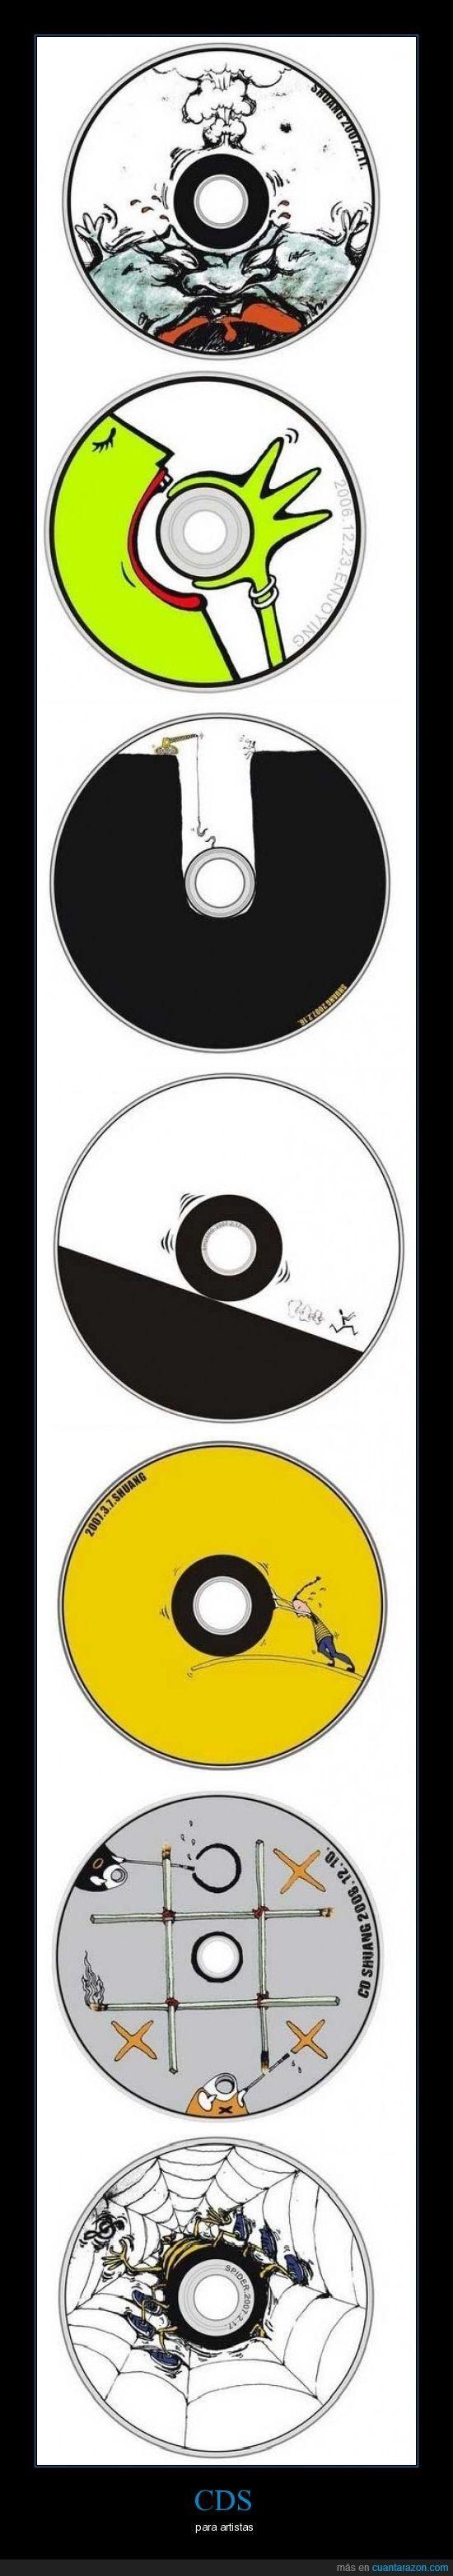 CDS - para artistas                                                                                                                                                                                 More